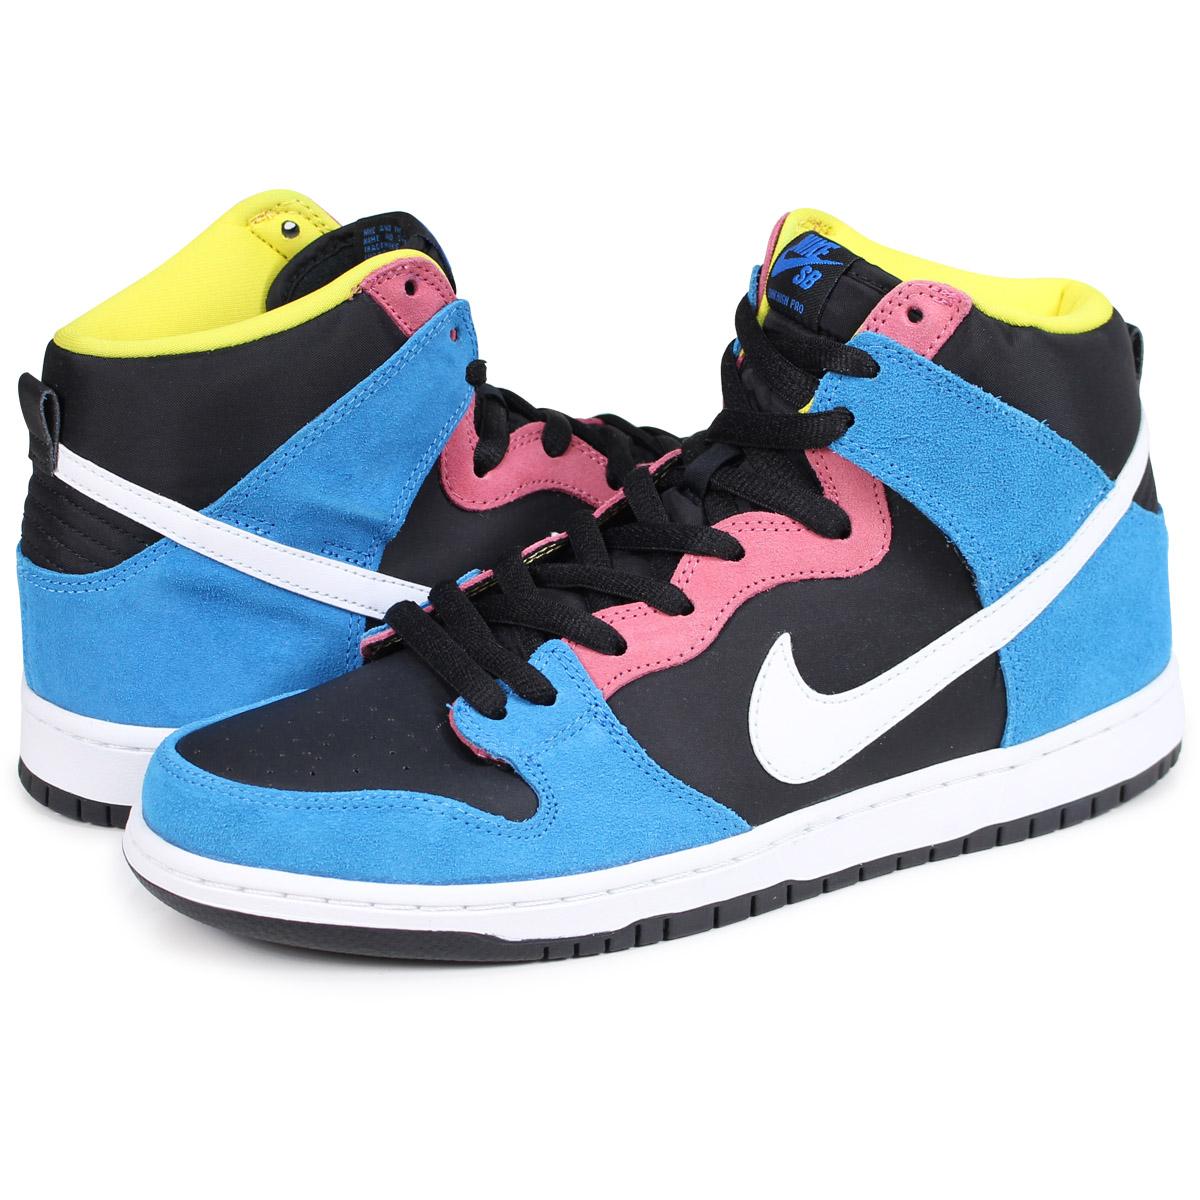 purchase cheap a7942 4fd3f NIKE DUNK HIGH PRO SB Nike dunk high sneakers men 305,050-410 blue [6/16  Shinnyu load]